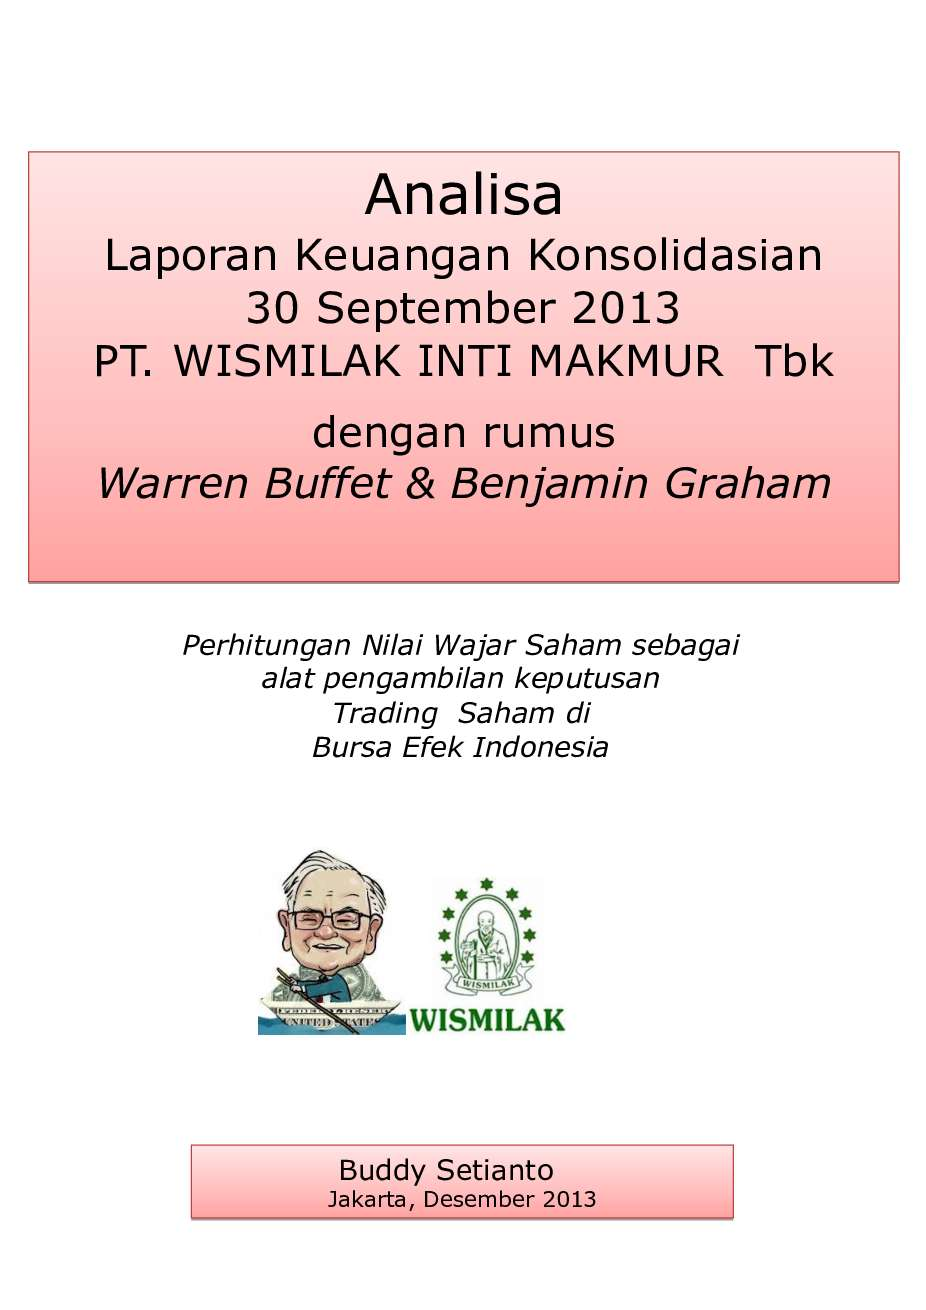 Analisa Laporan Keuangan Konsolidasian 30 September 2013 Pt Wismilak Inti Makmur Book By Buddy Setianto